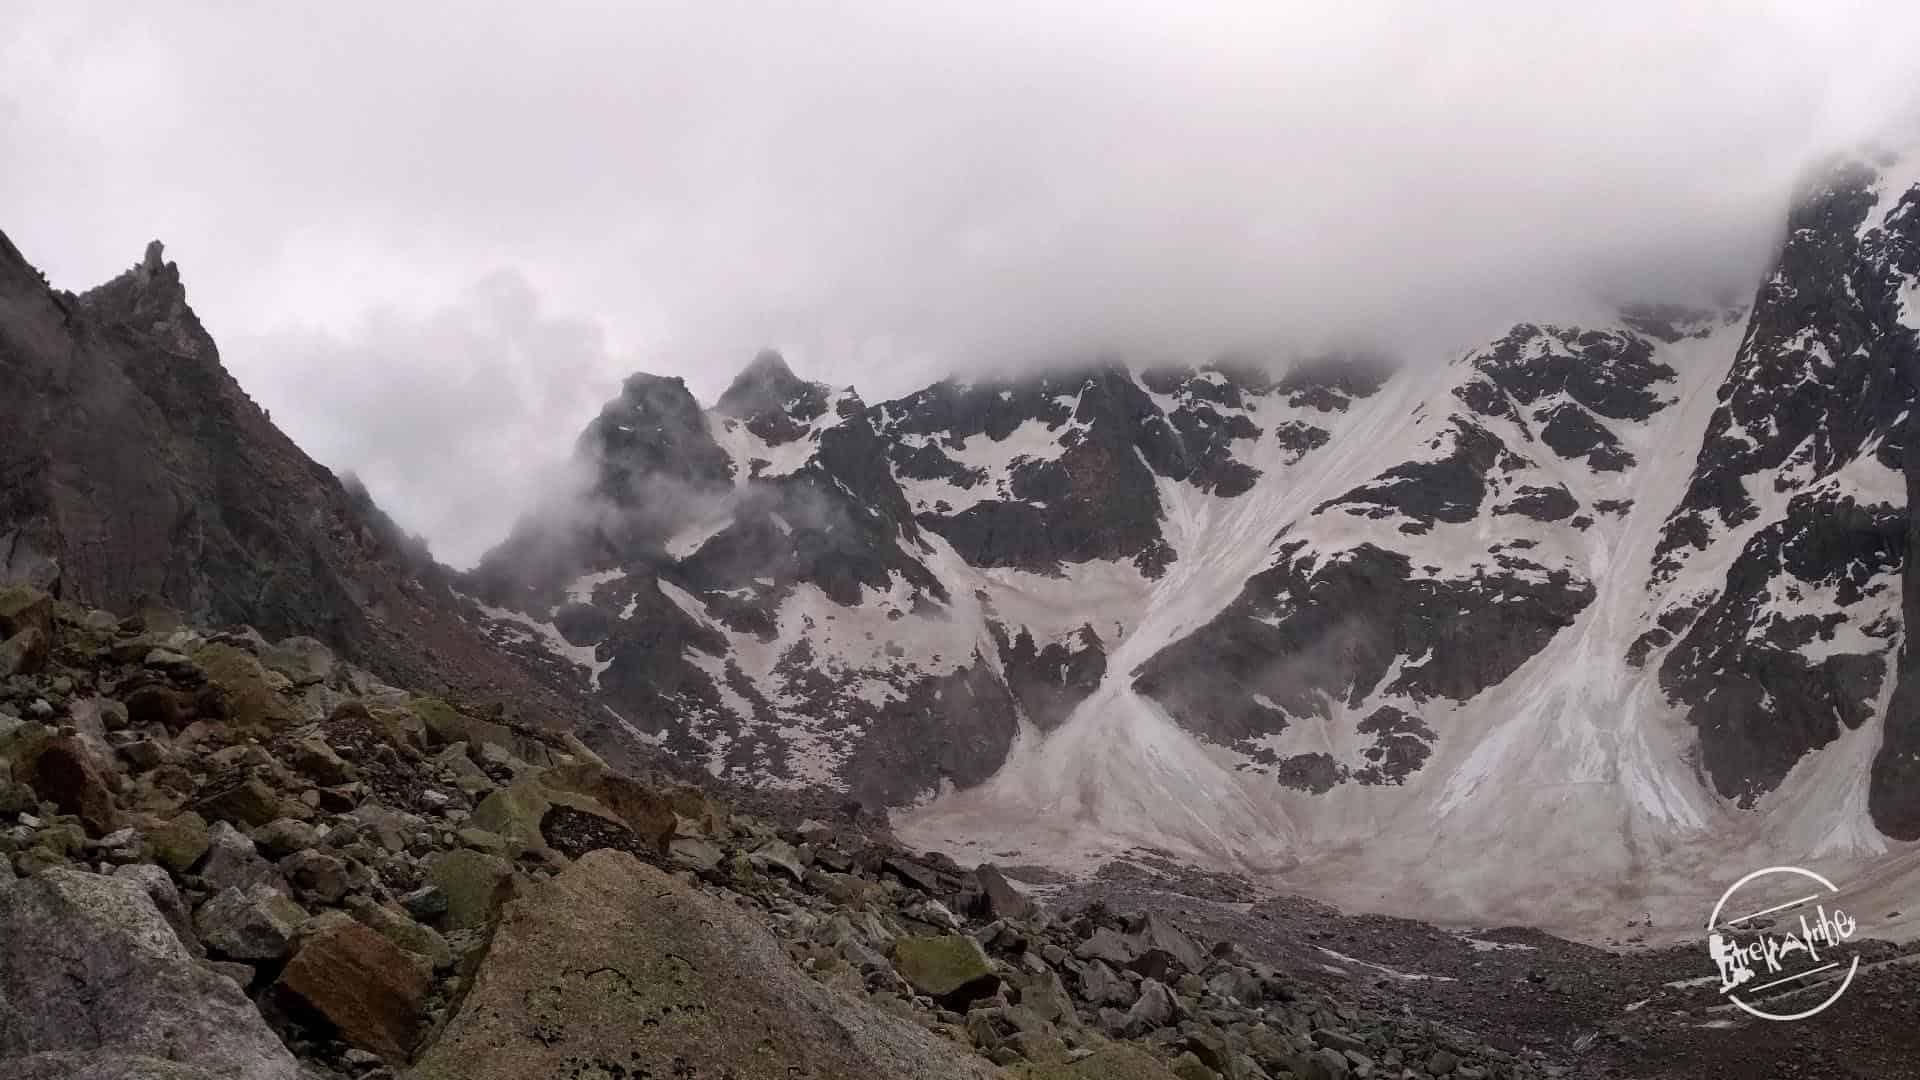 Kinner Kailash Trek - A heavenly trek